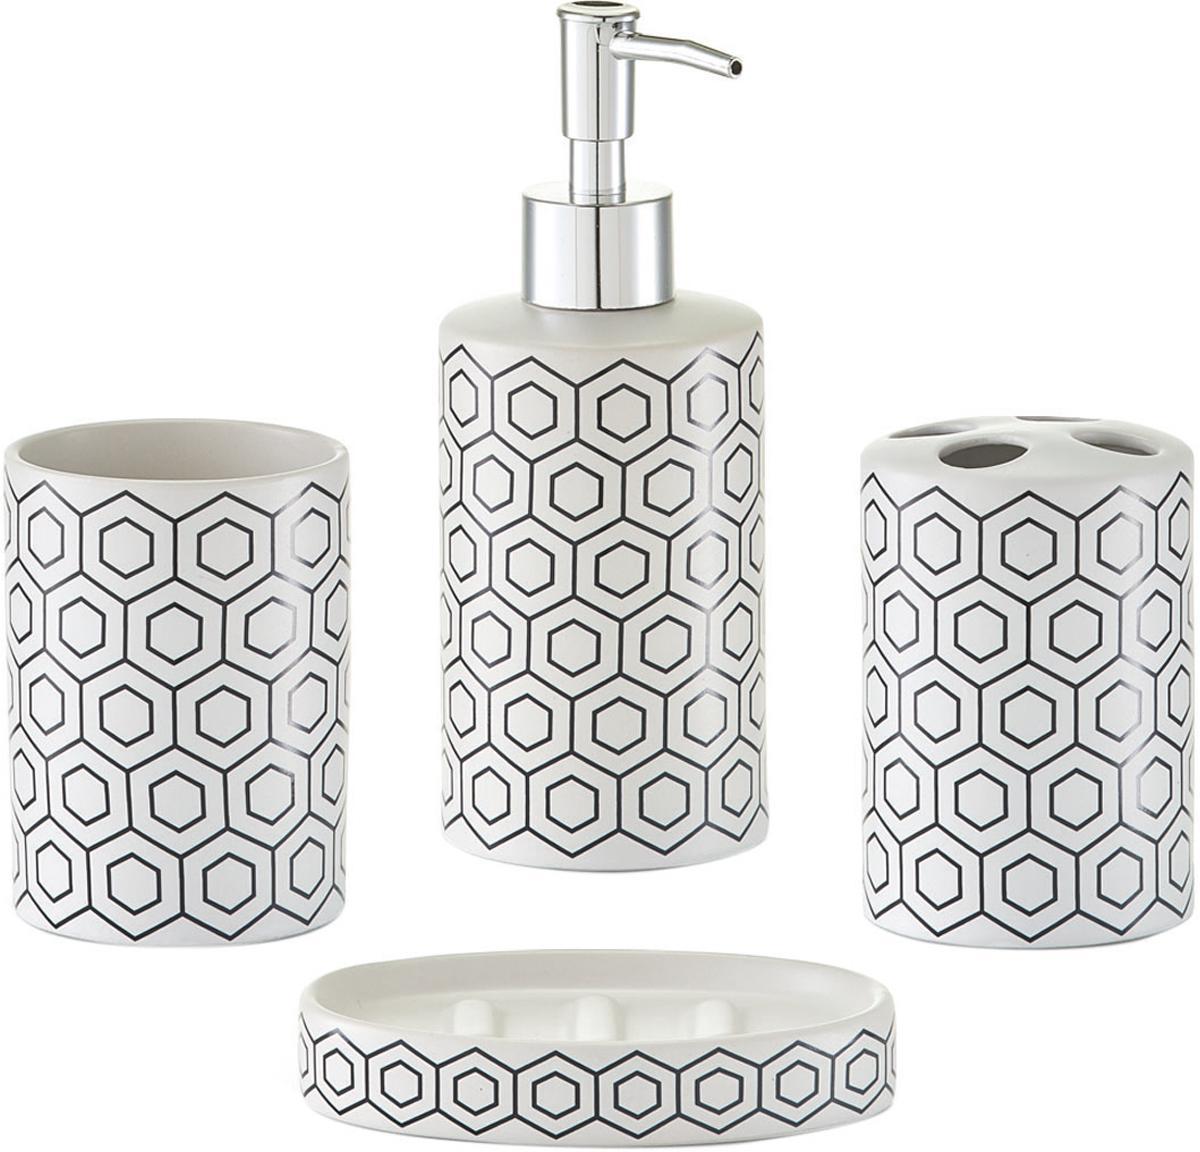 Set de accesorios de baño Graphic, 4pzas., Dosificador: plástico, Negro, blanco, Set de diferentes tamaños